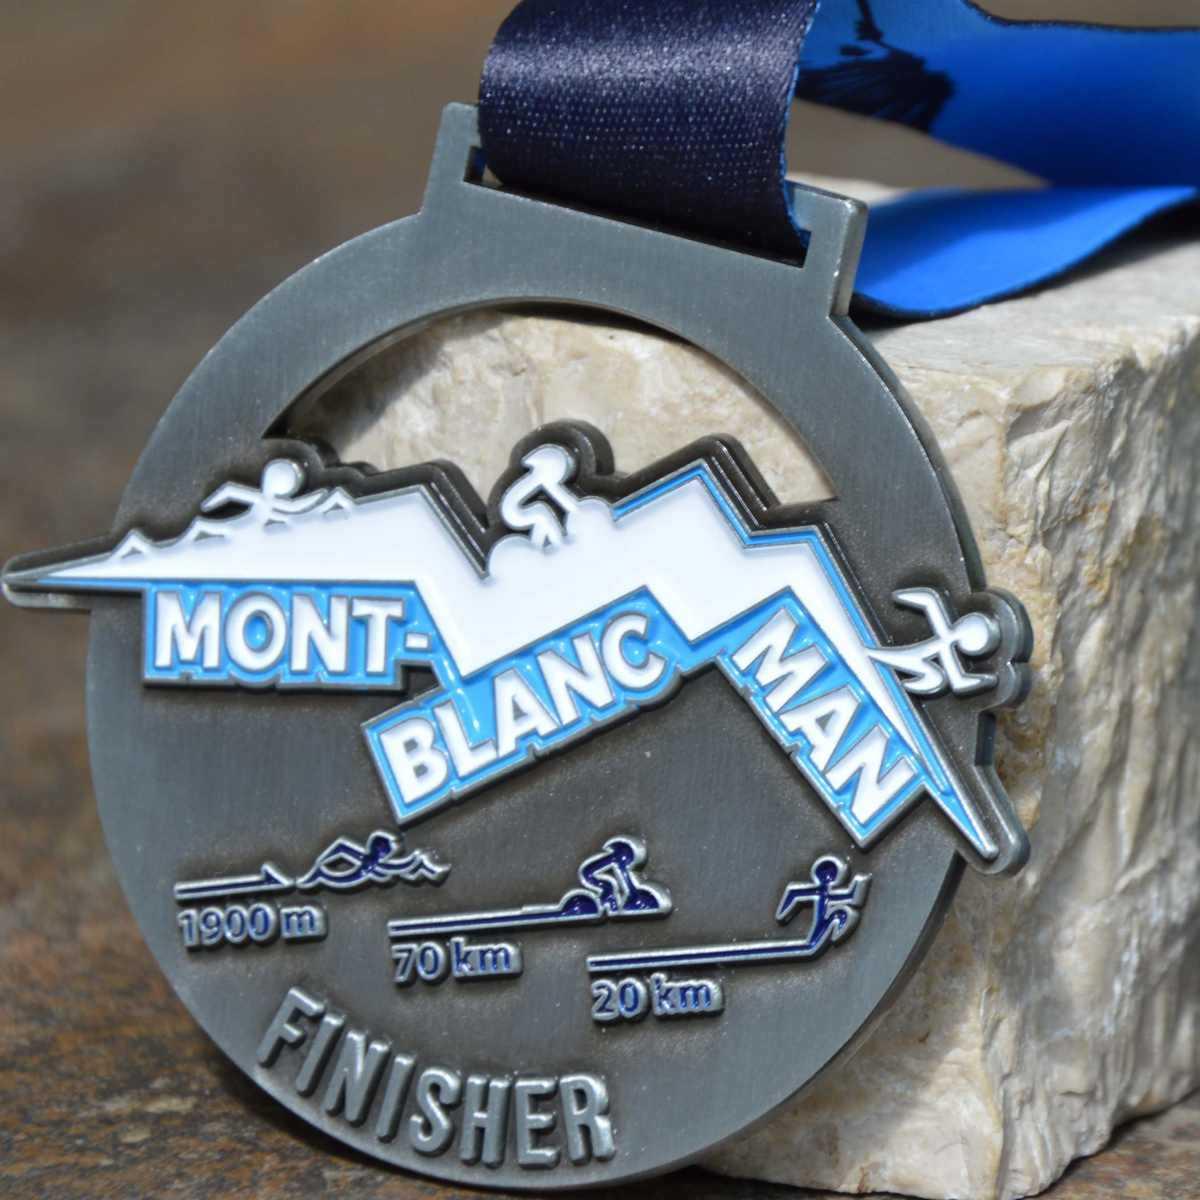 Médaille Finisher ronde créée pour le Triathlon Mont-Blanc Man